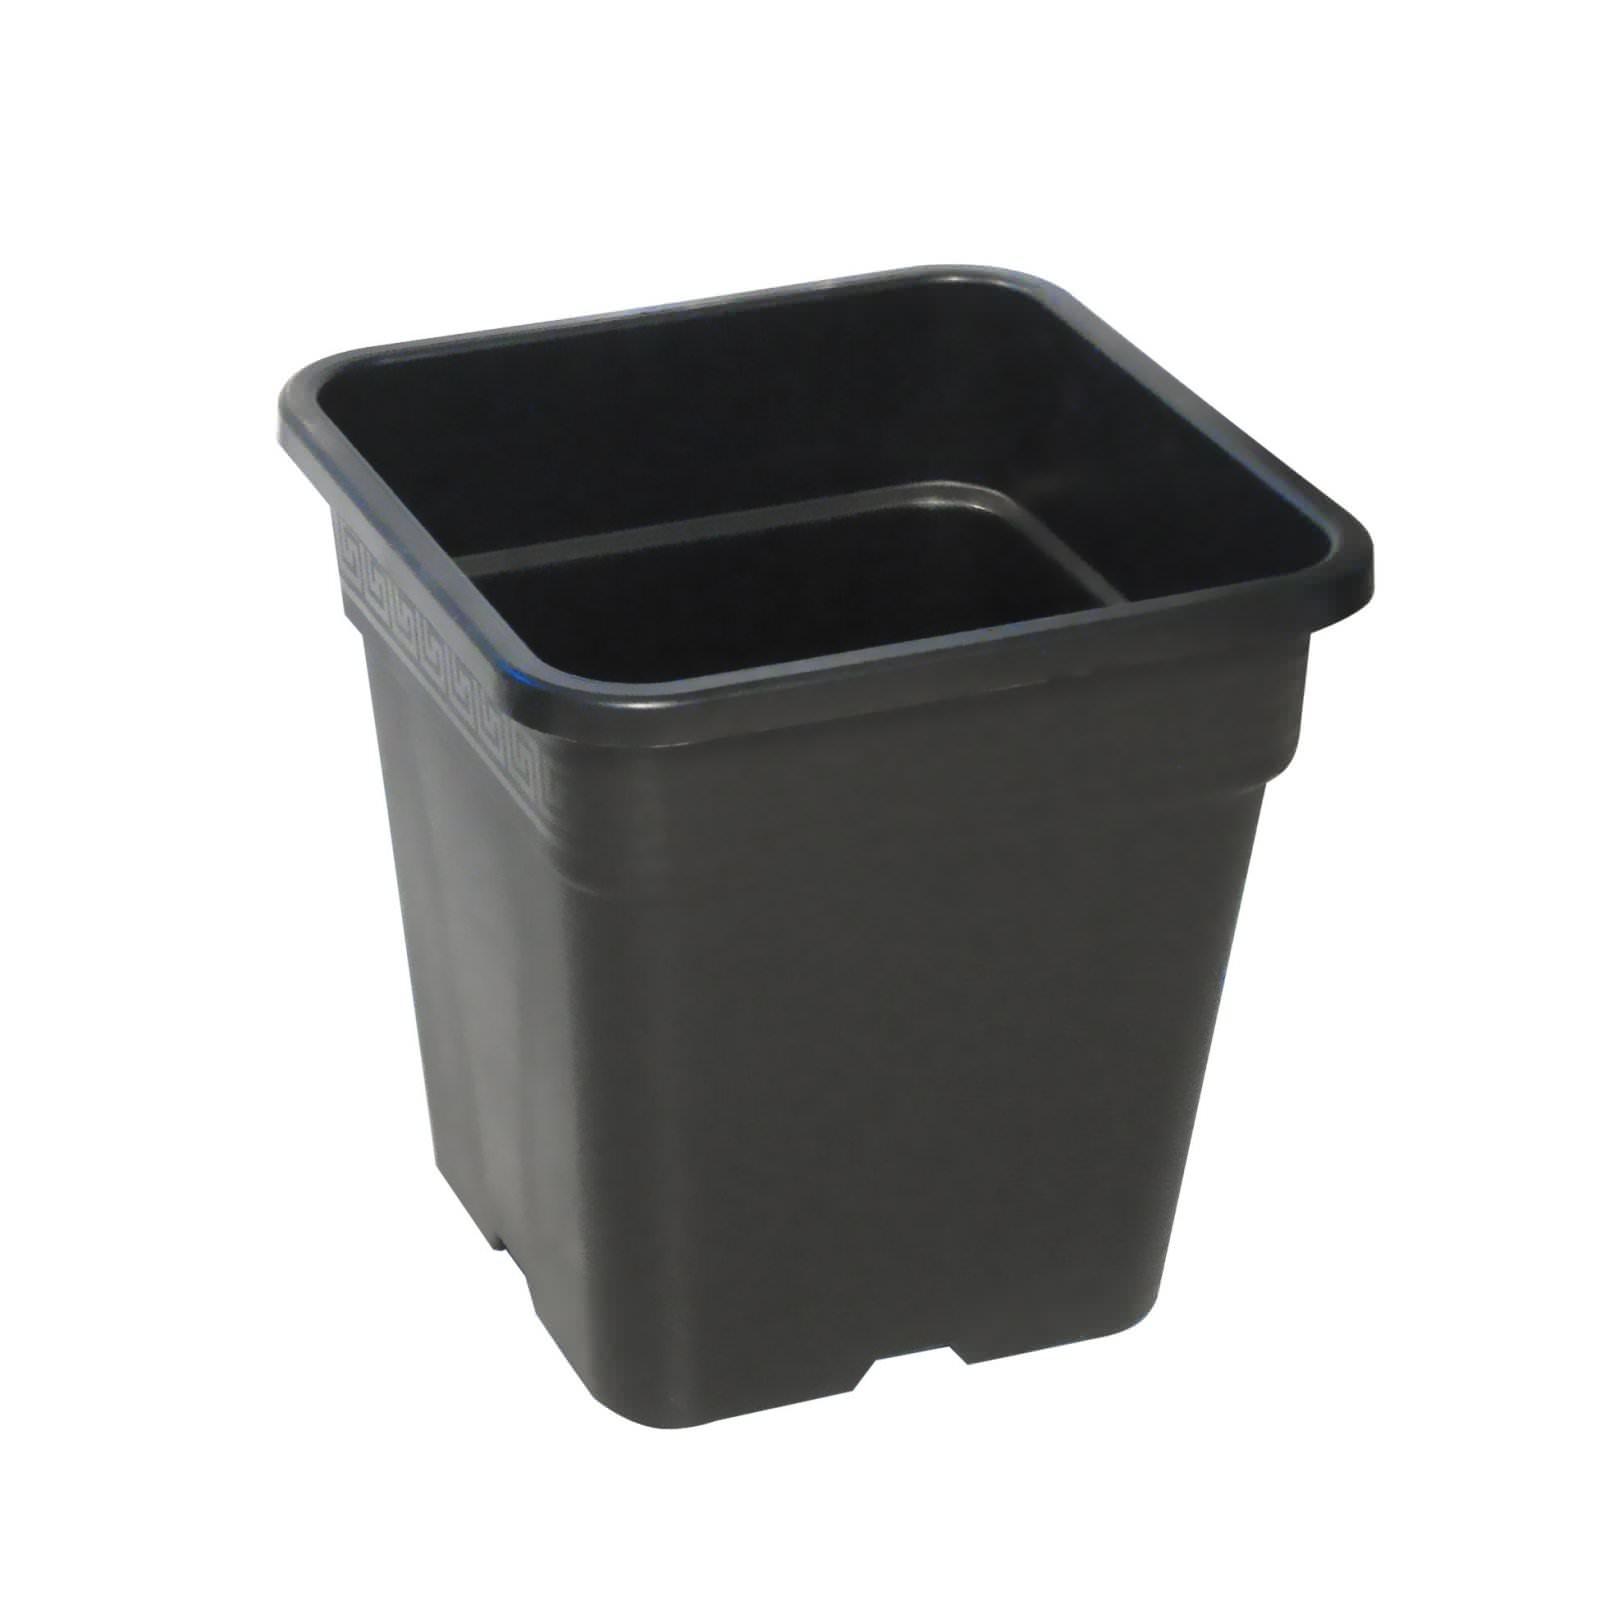 pot-18l-1311350472